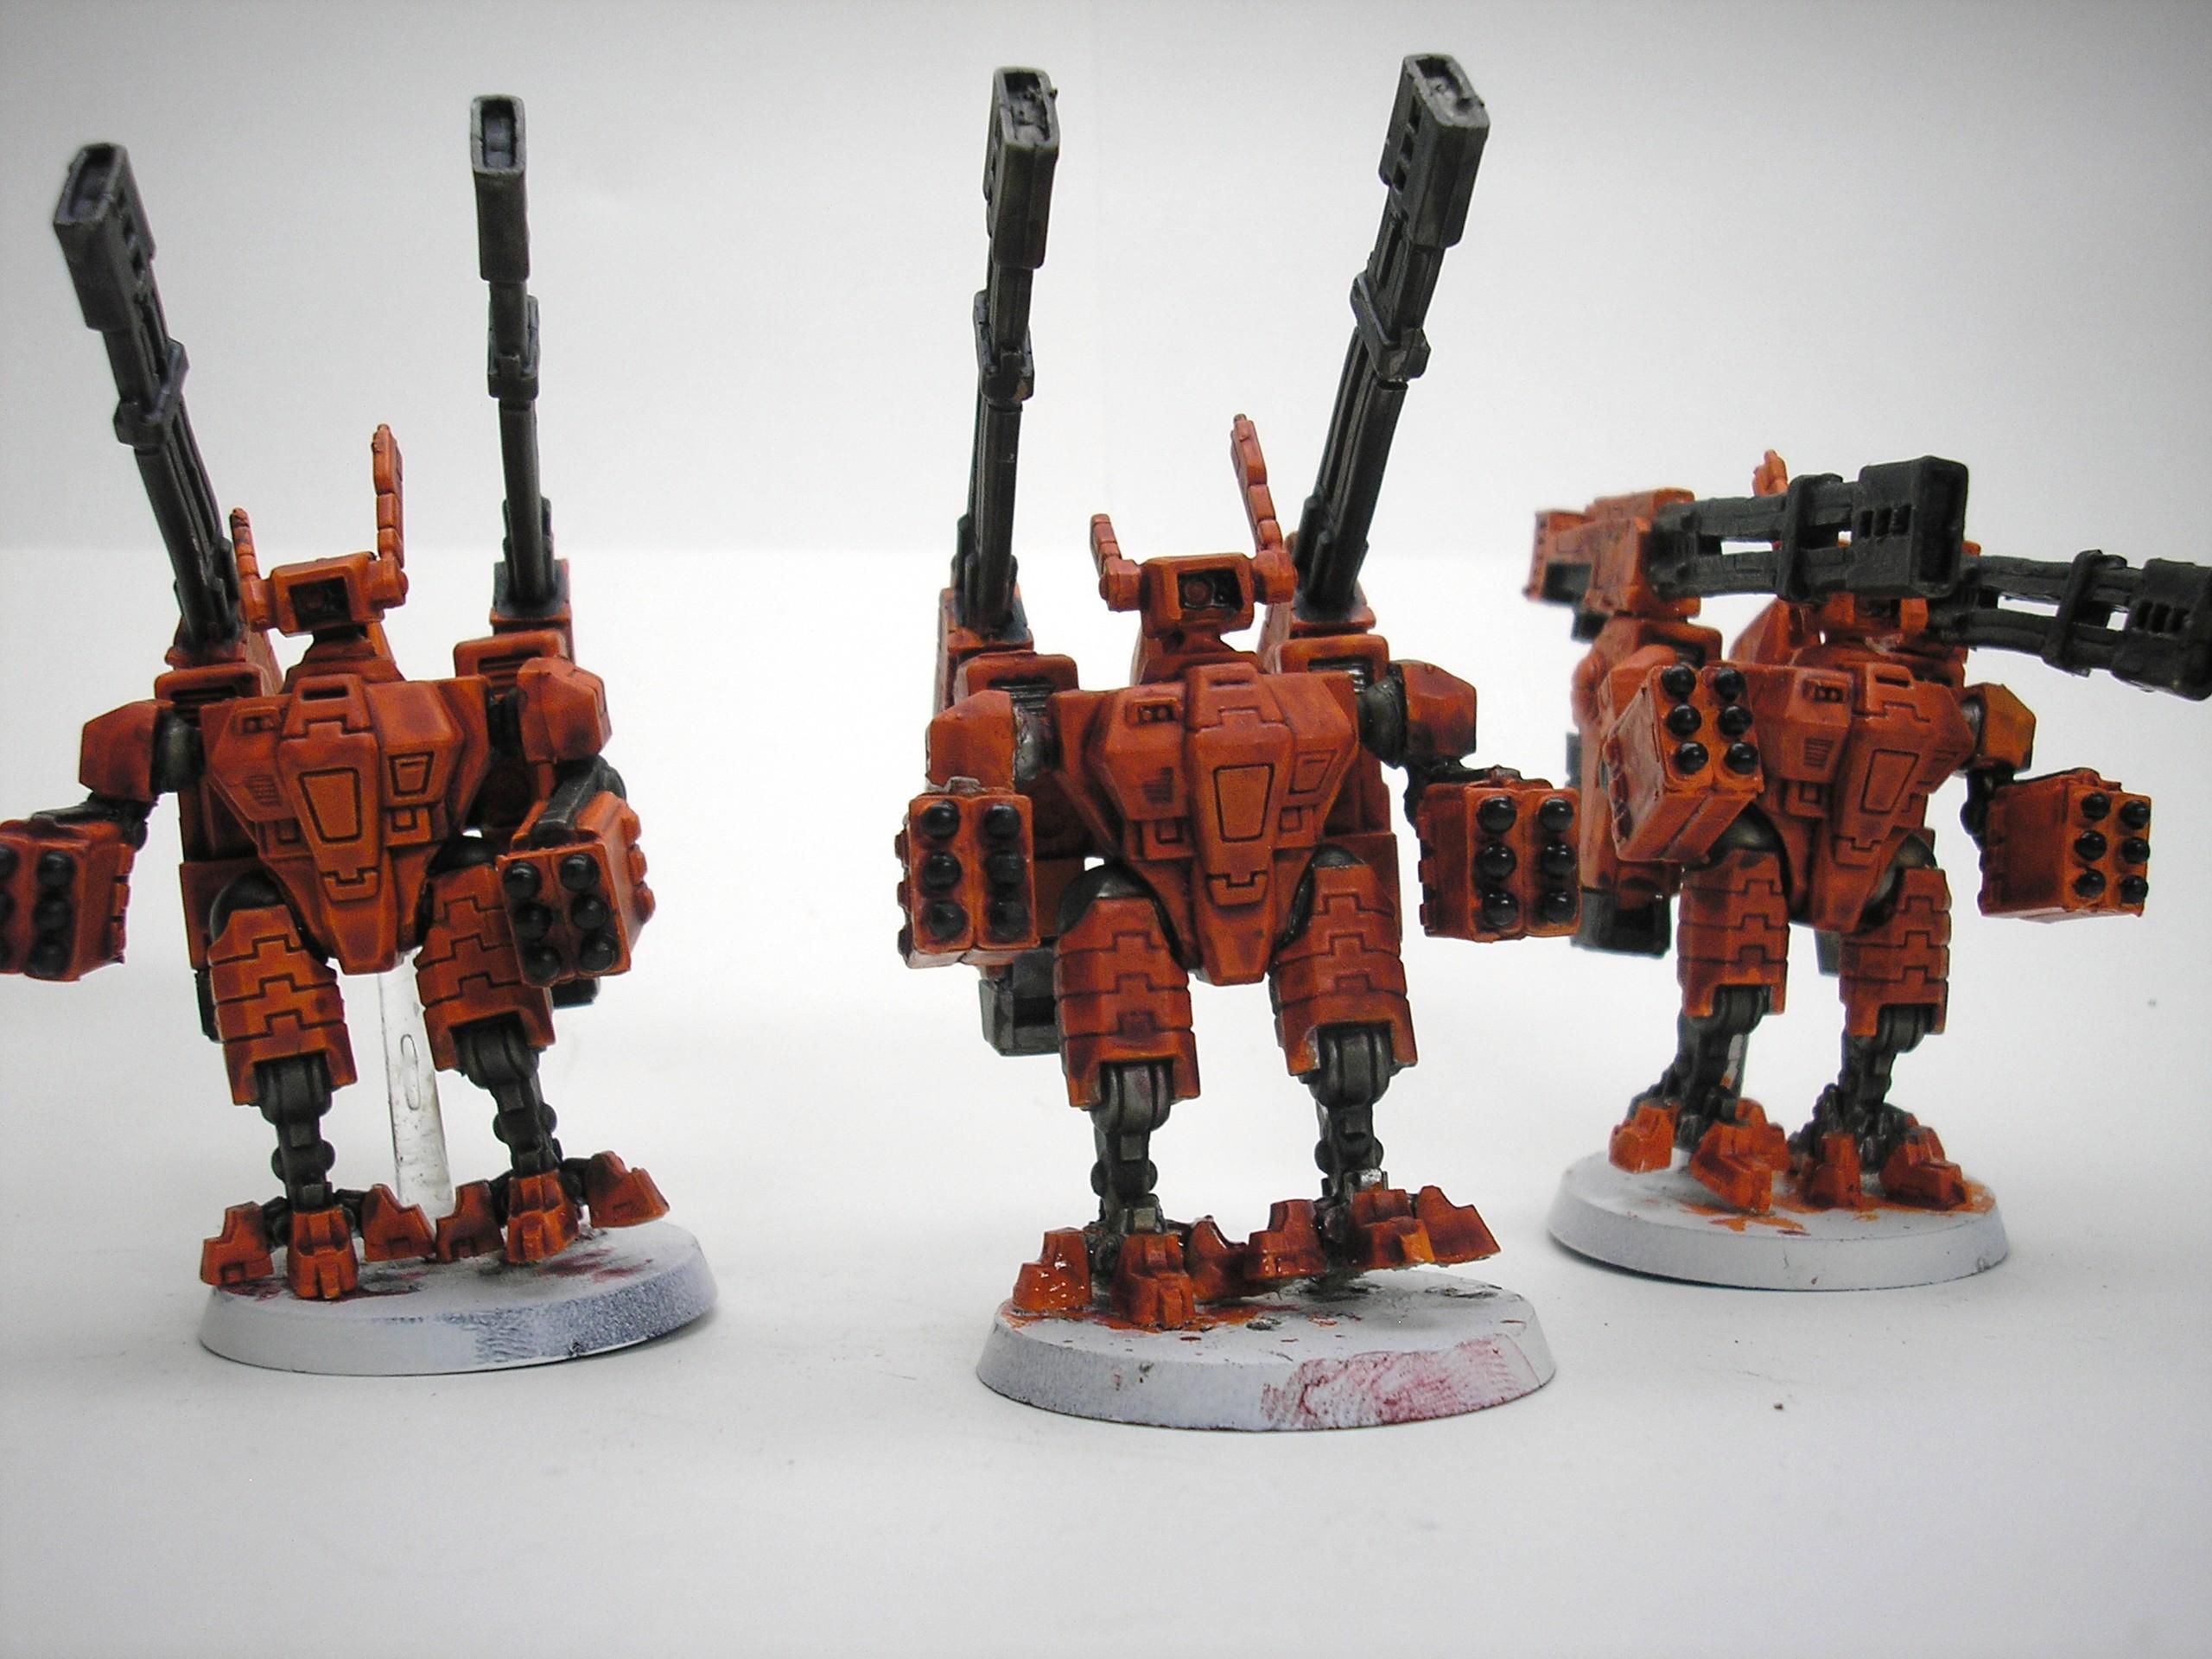 Battlesuit, Tau, Xv-88